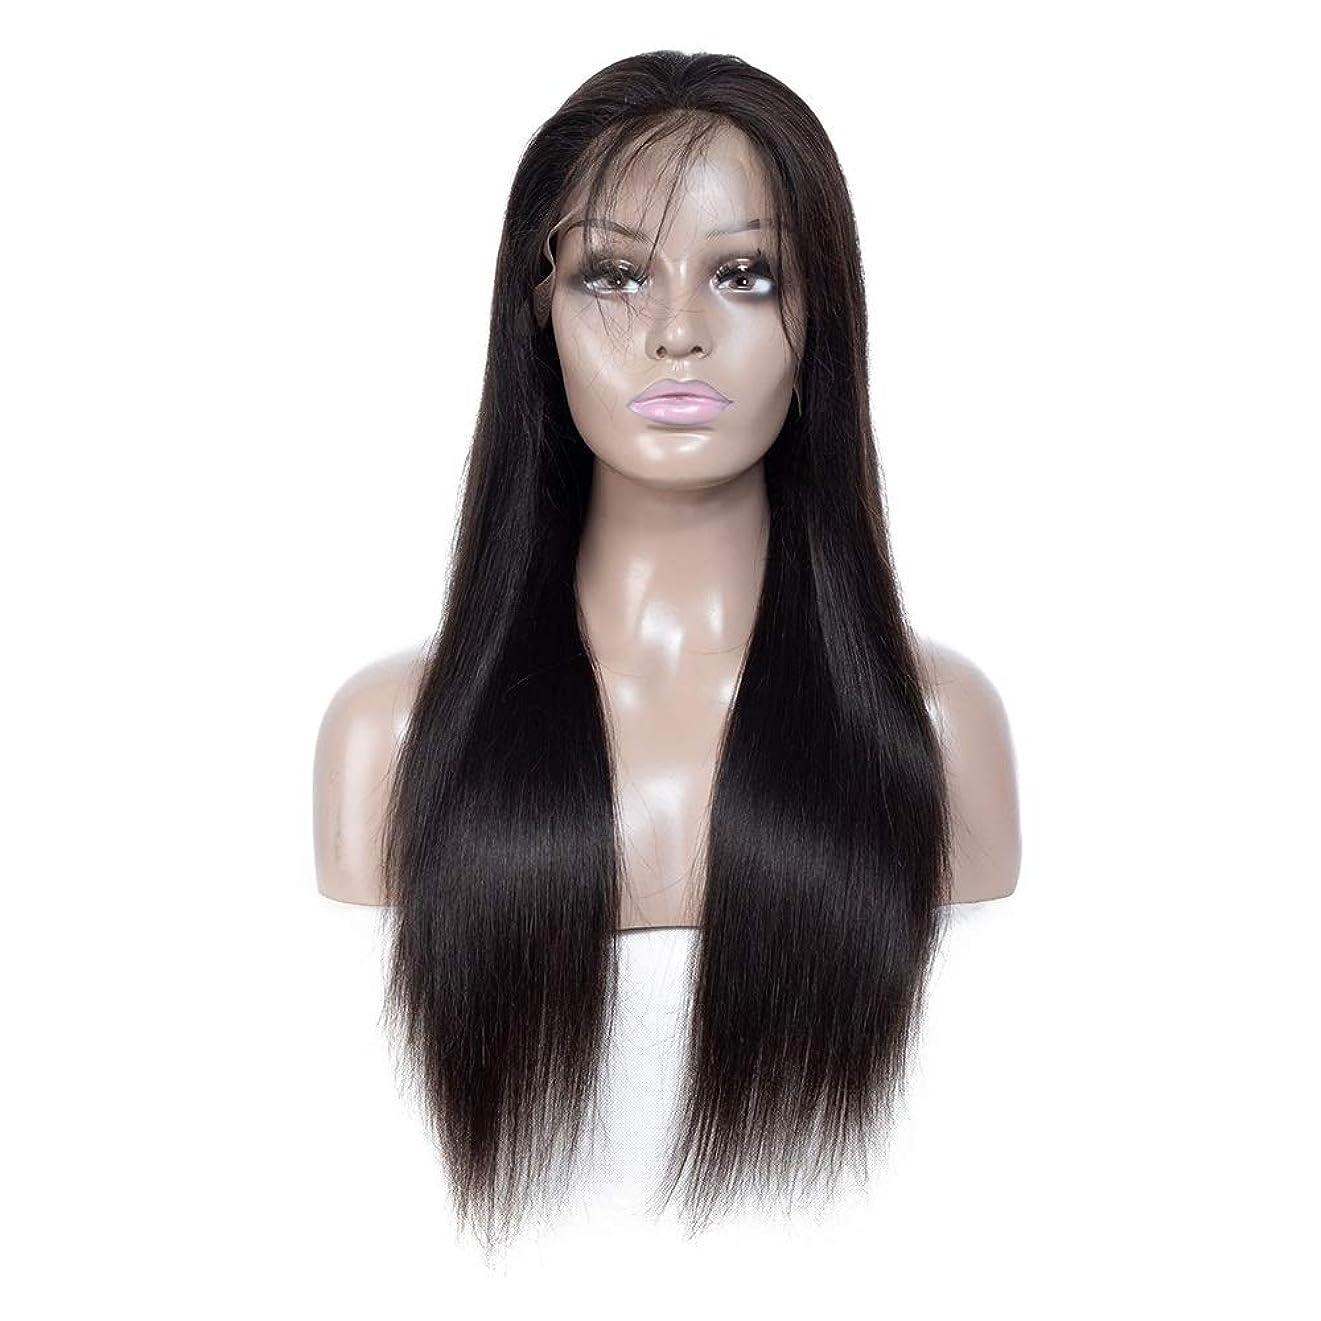 むちゃくちゃ保存構造的ZXF 本物の人間の髪の毛のかつらアフリカの黒と白のアメリカ人の本当の人間の髪の毛は、長い髪のフルハンド織りで染色することができます 美しい (Size : 12